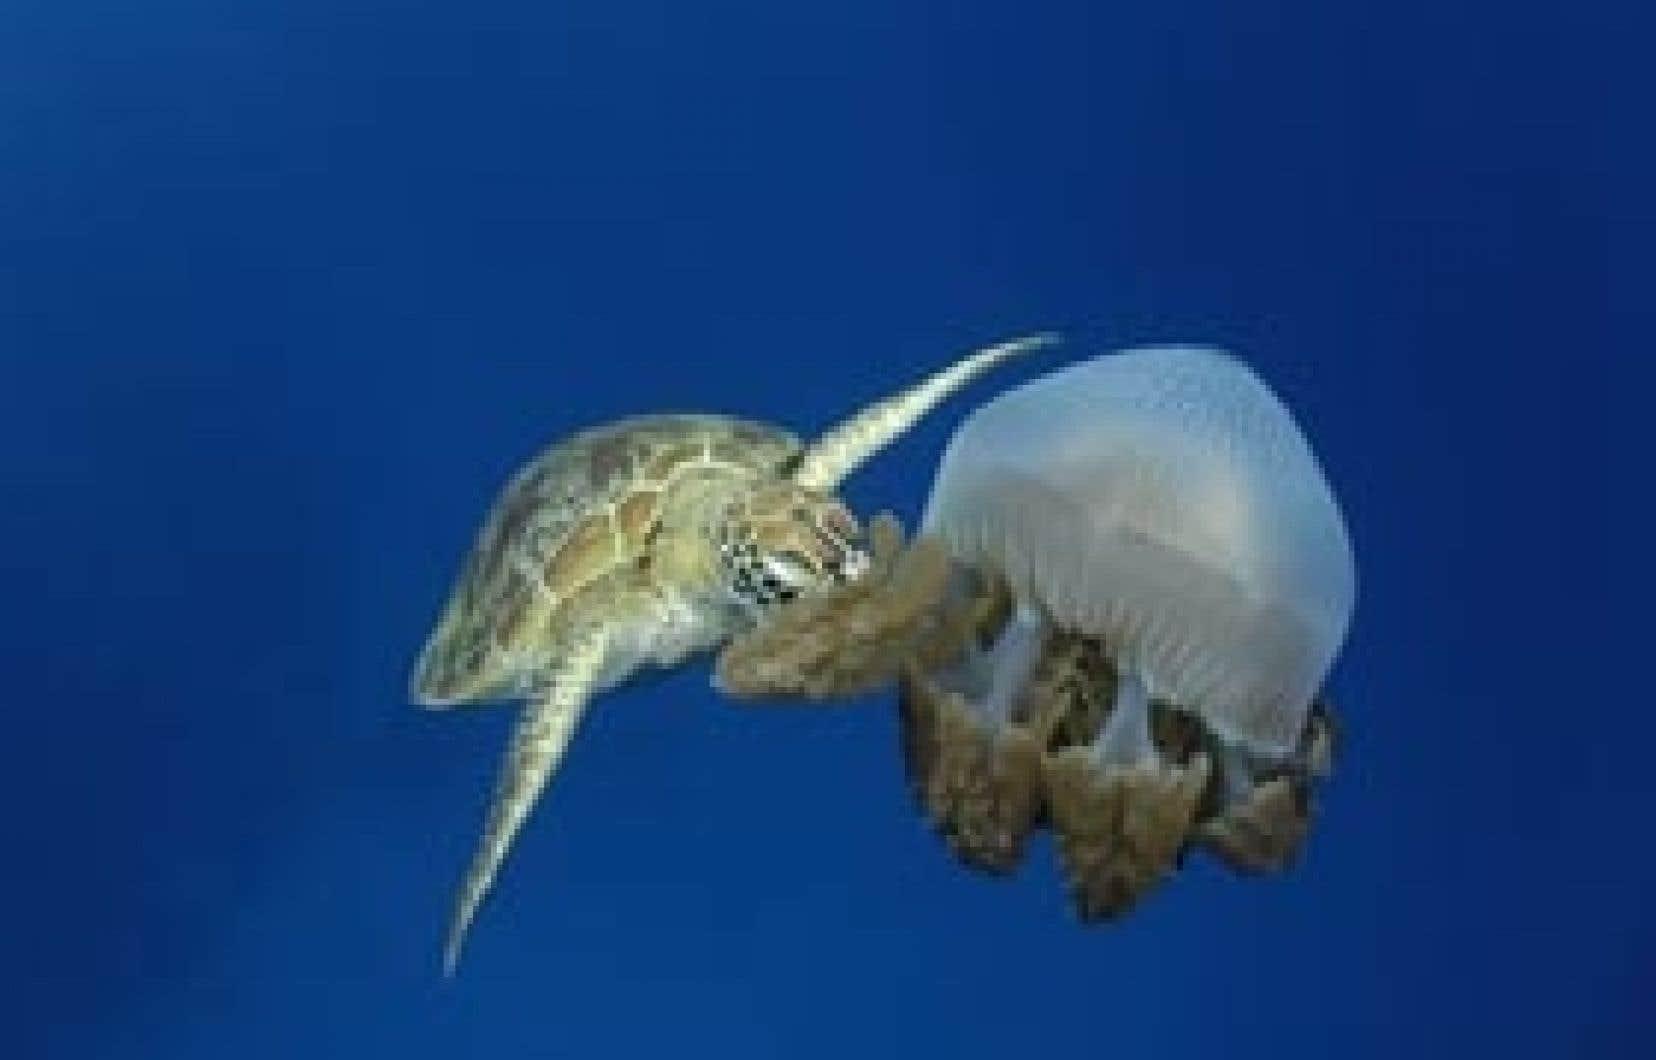 Dans un ballet aquatique, une tortue géante se paie un festin de méduse. Puisque celle-ci est composée des cellules urticantes qui paralysent ses prédateurs, peu d'espèces ont un estomac assez bétonné pour pouvoir l'engloutir au souper.